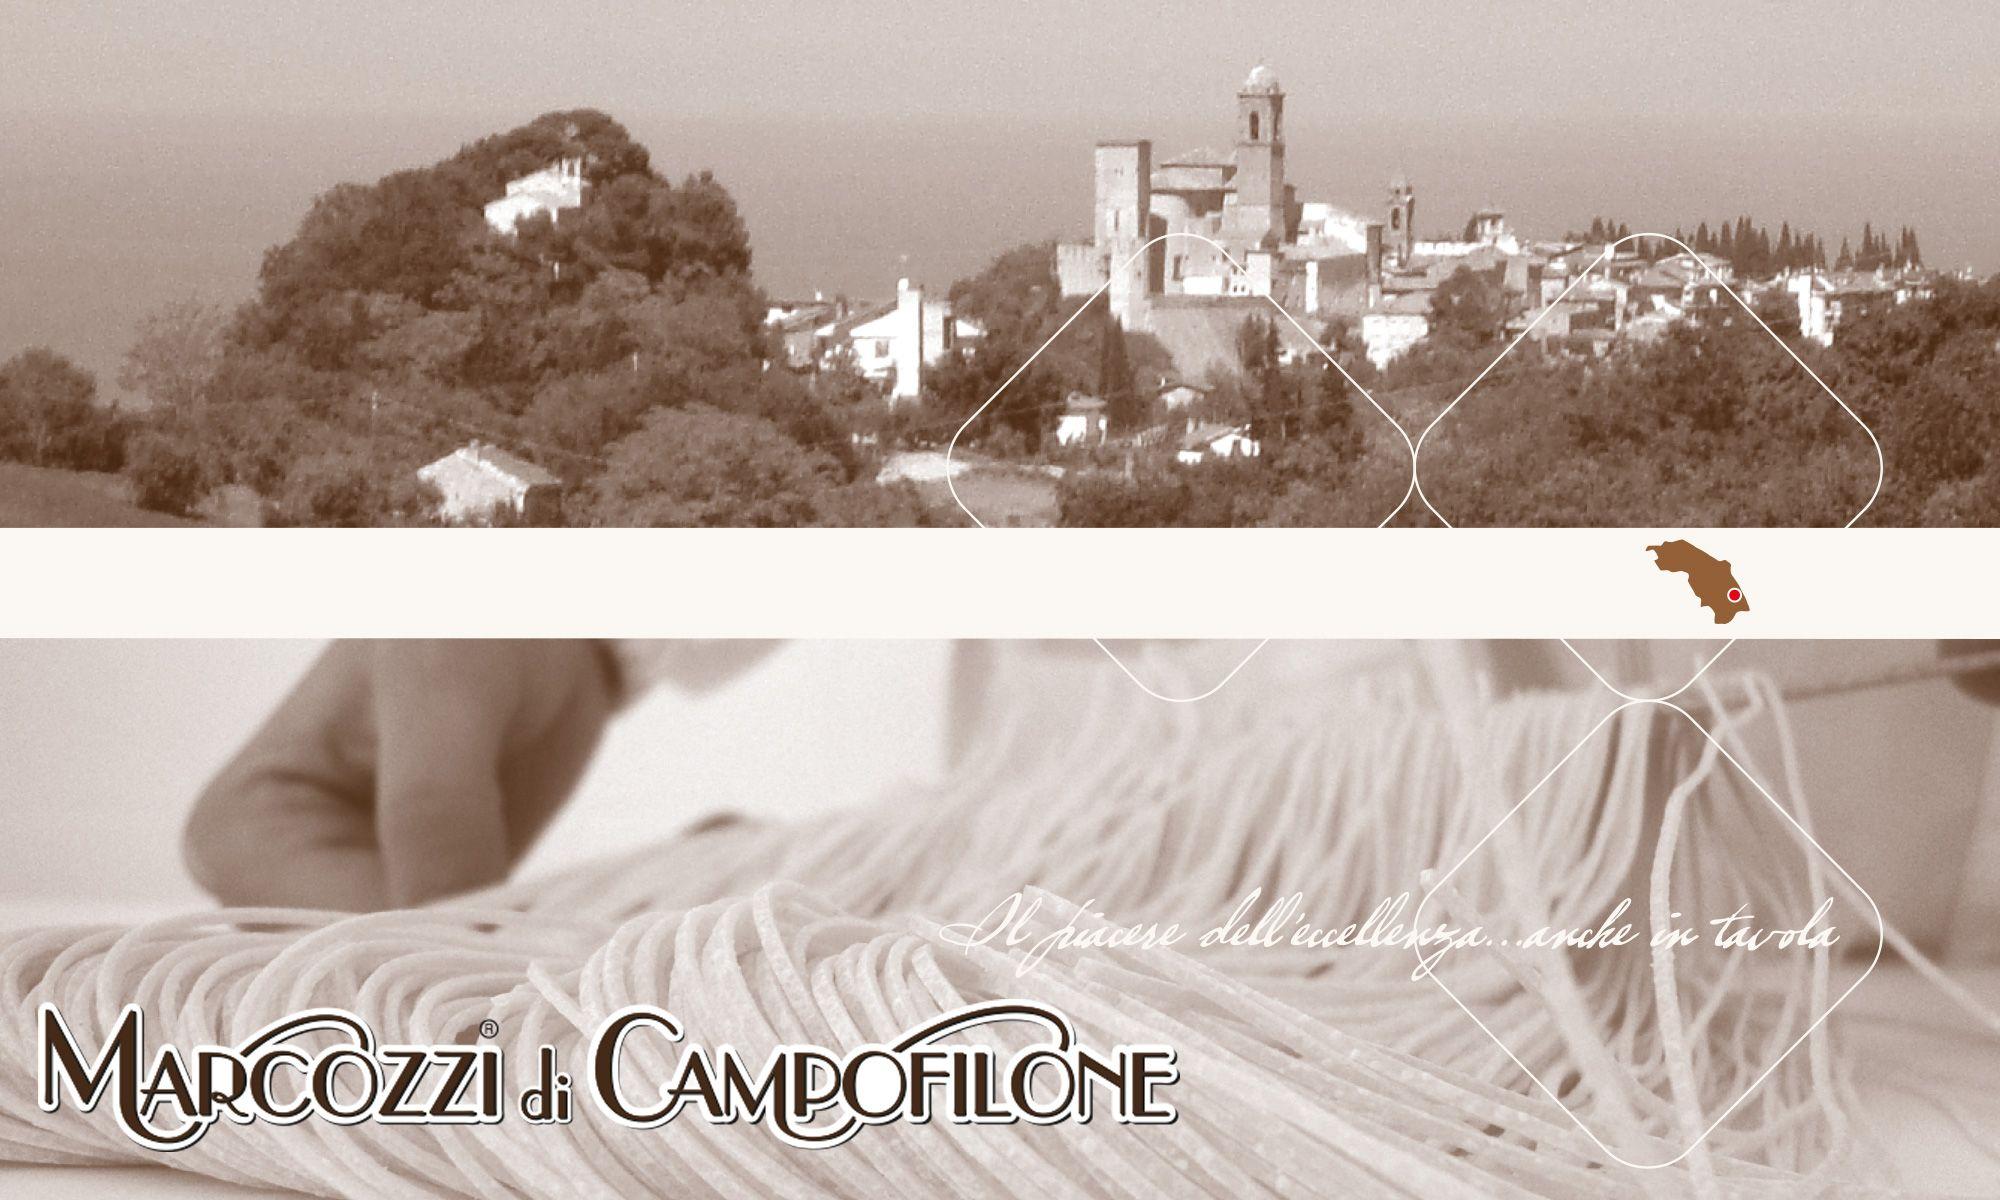 Dal 1400 ad oggi si tramandano tutti i segreti e le tradizioni dell'arte pastaia di Campofilone in maniera artigianale, con la stessa passione ed esperienza dei nostri antenati.